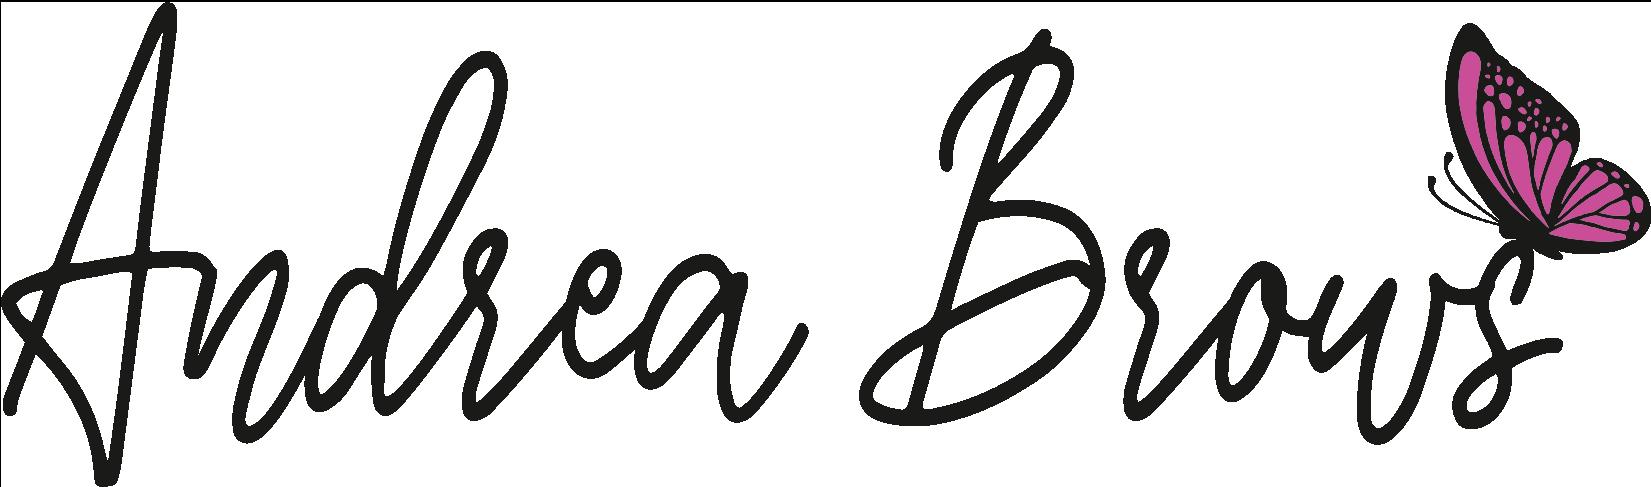 Andrea-Brows-Logo im House of Art Plettenberg